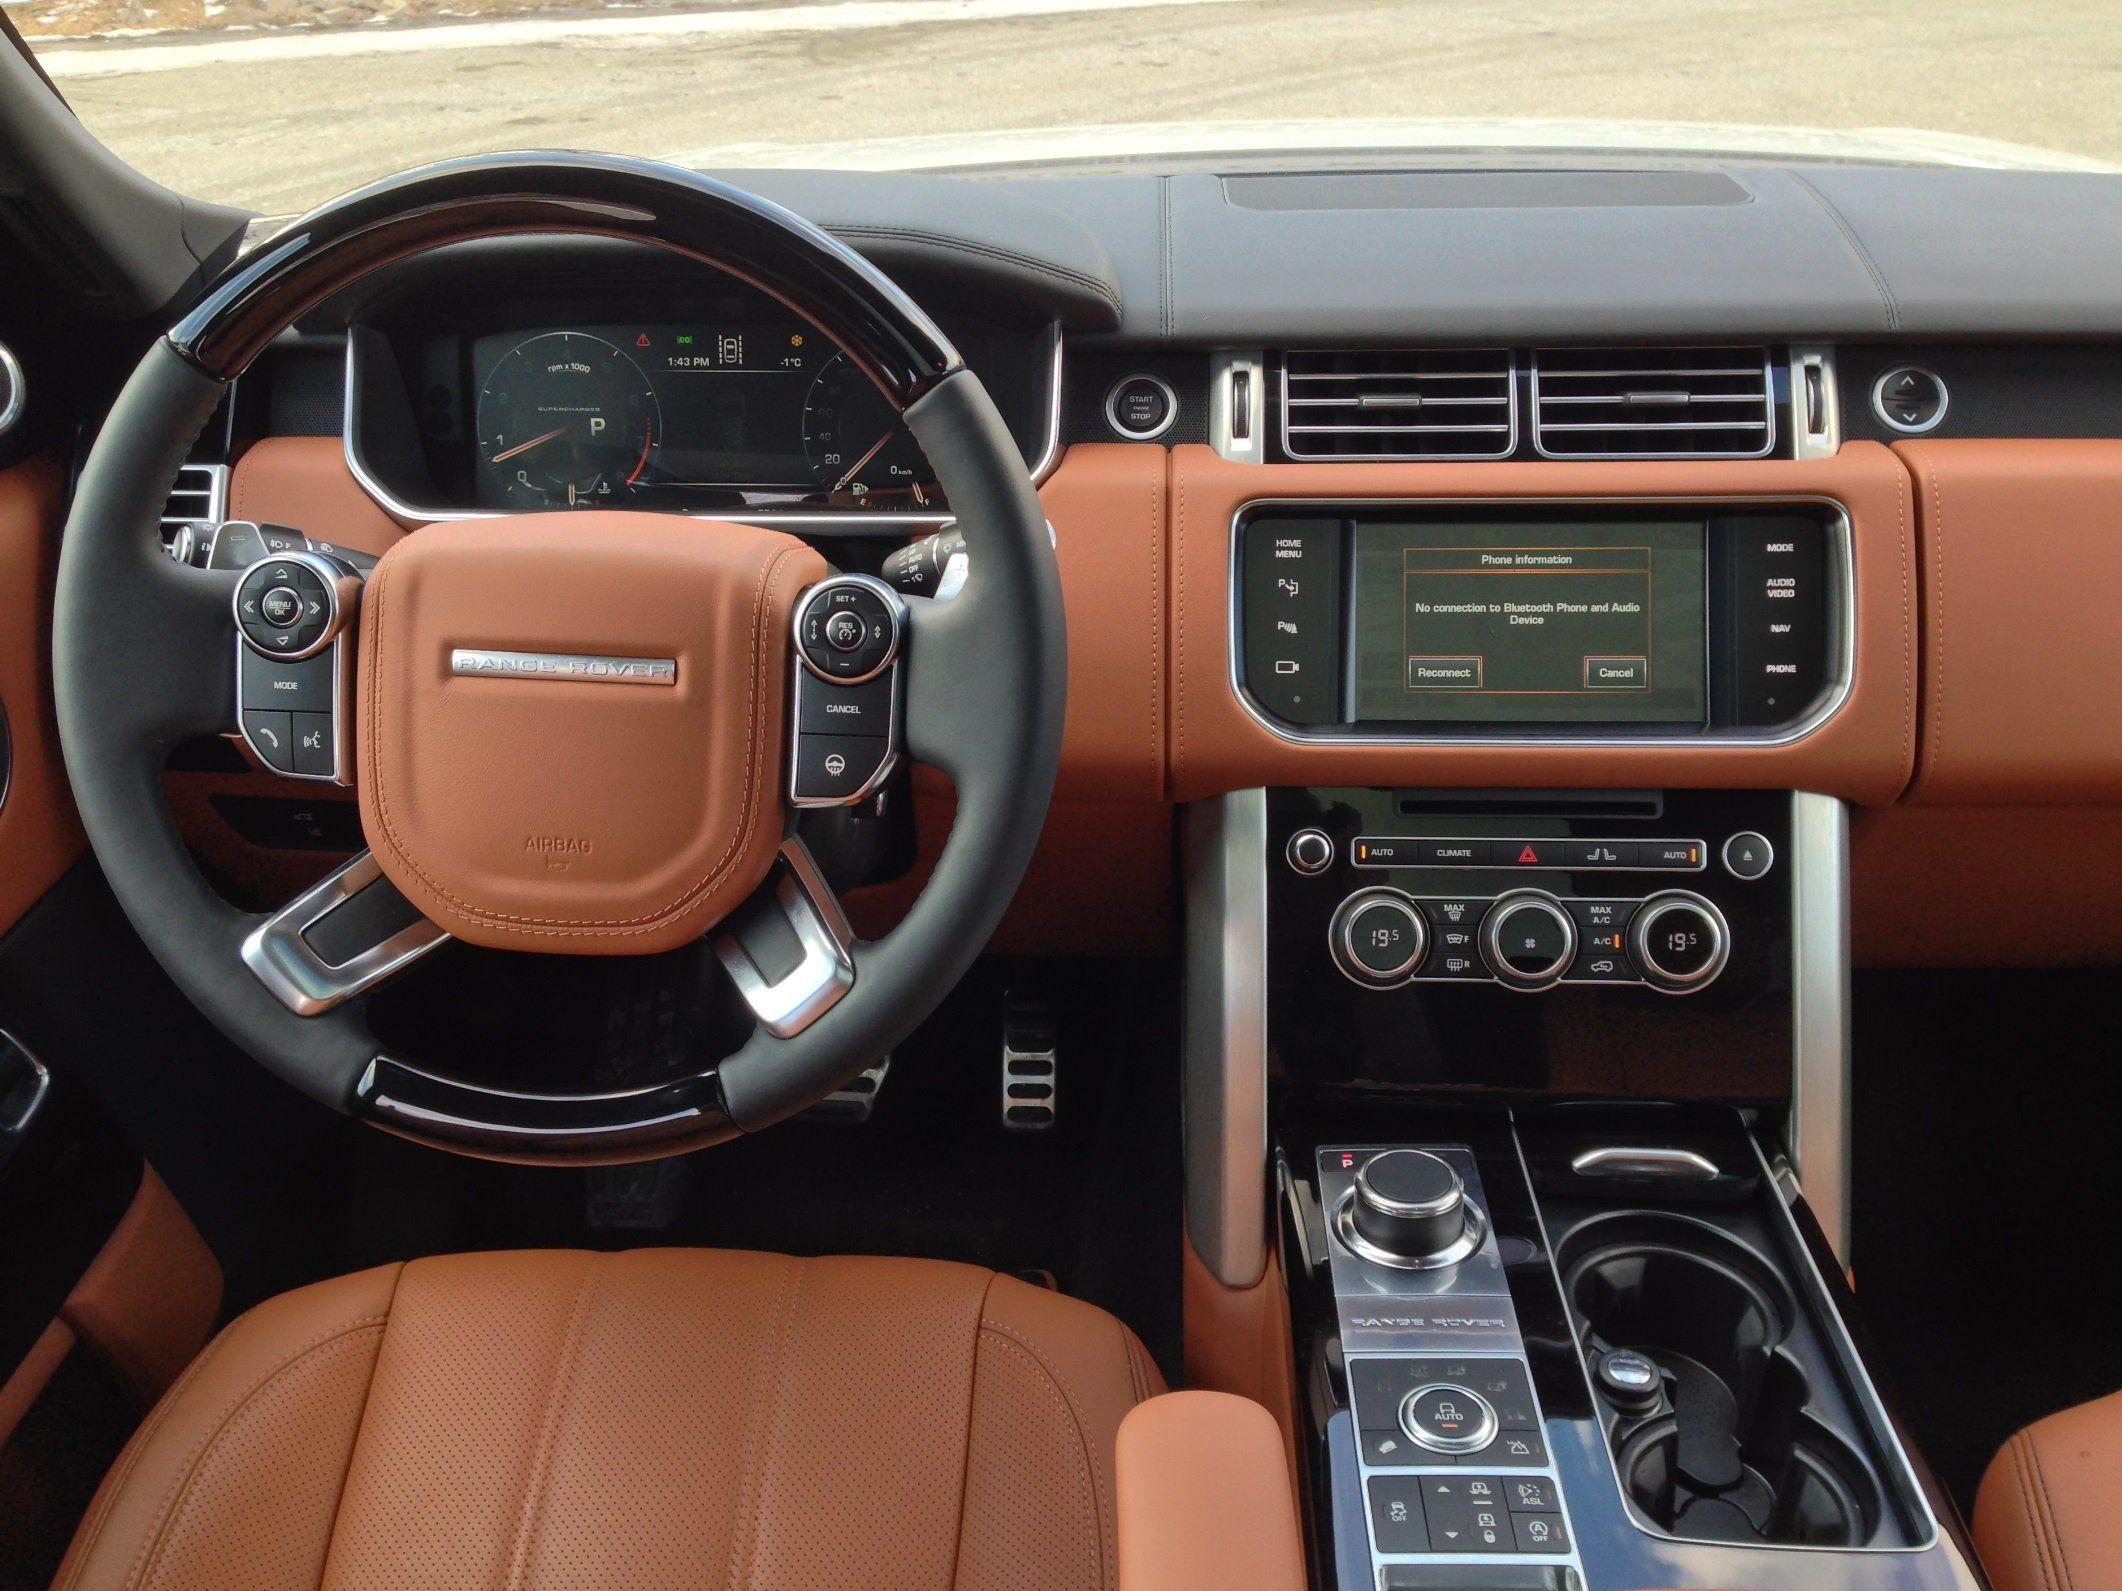 2015 Range Rover Long Wheelbase Autobiography Review Autoguide Com News Range Rover Land Rover Range Rover Sport